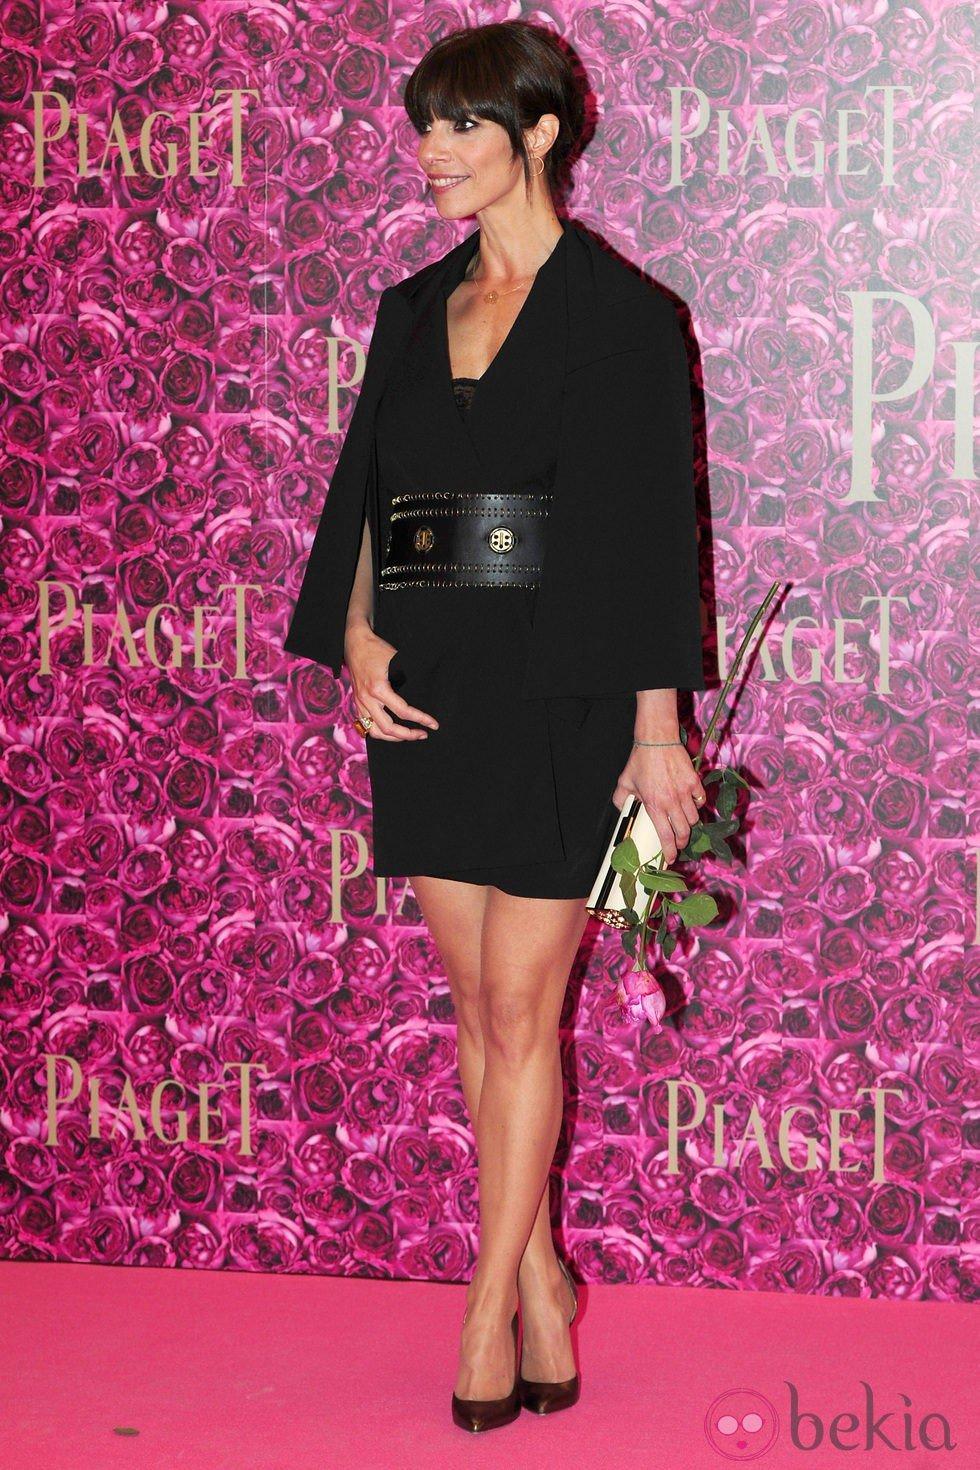 Maribel Verdú durante un acto de la firma Piaget